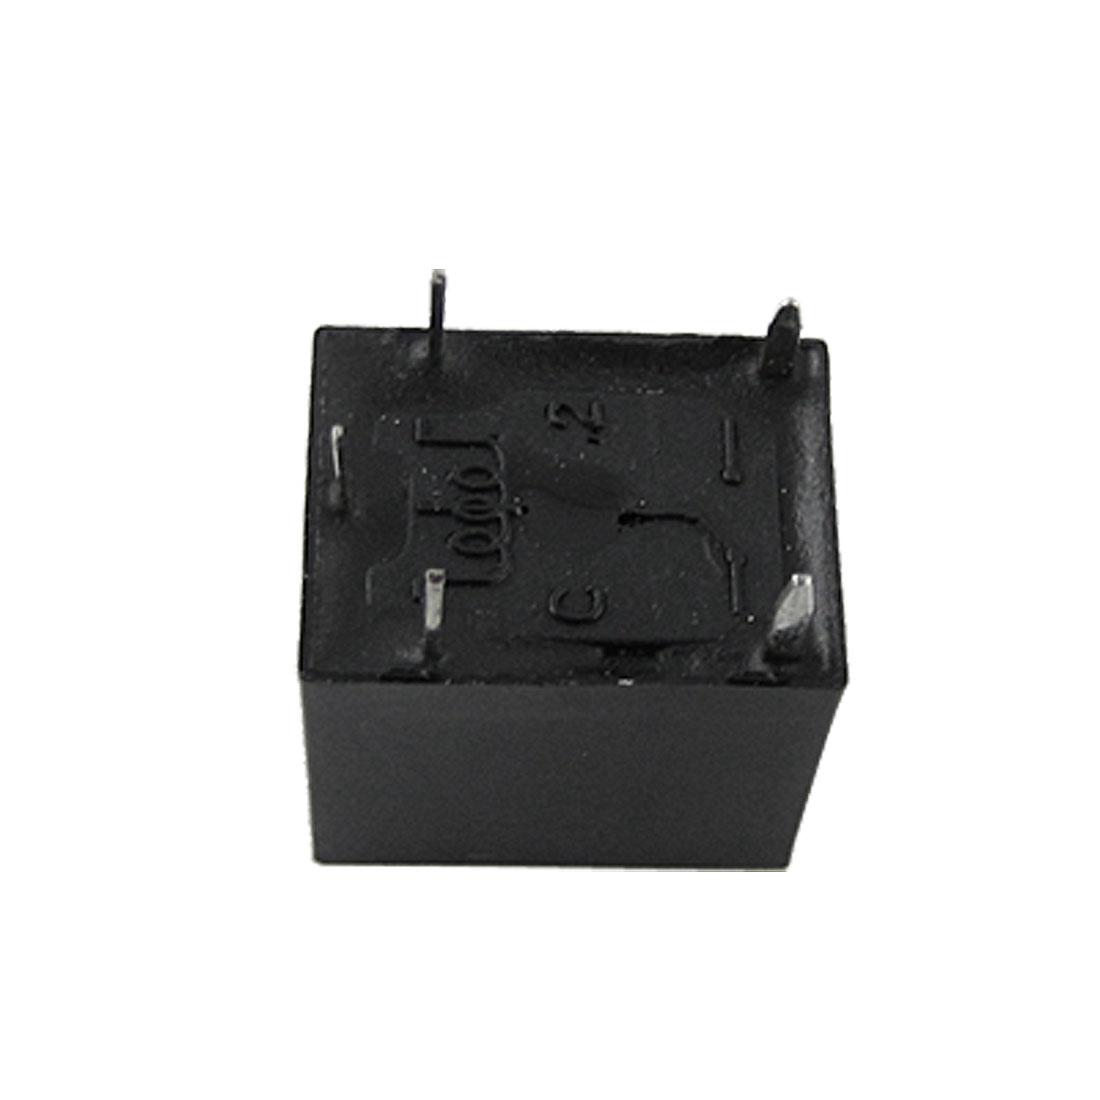 SRA-12VDC-CL DC 12V Coil 5 Pin SPDT Power Relay 20A 14V DC 125V AC